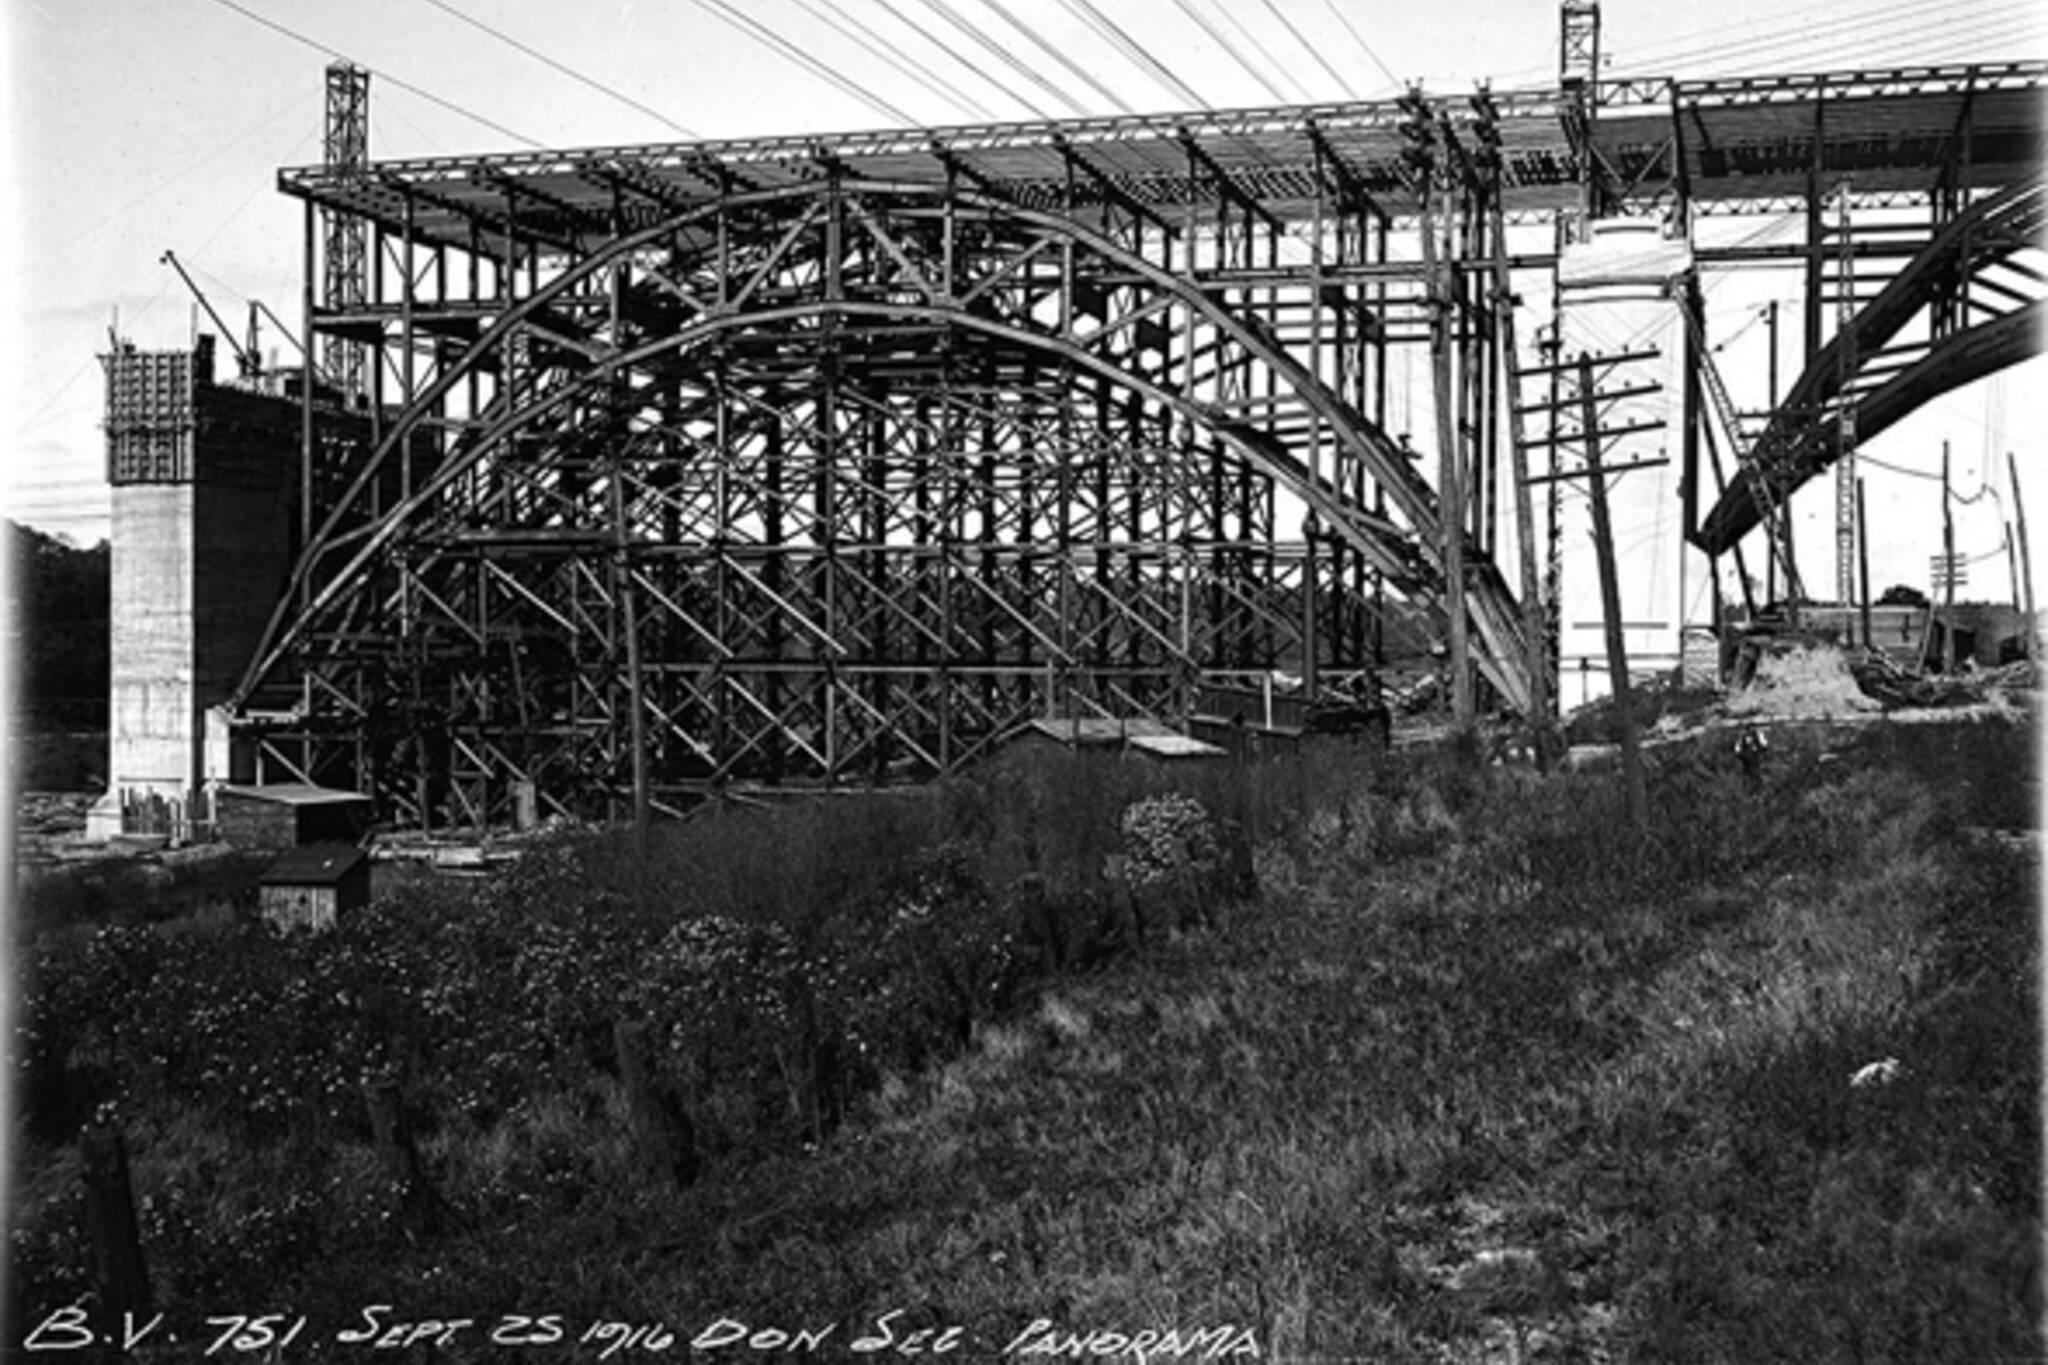 Toronto Bridges